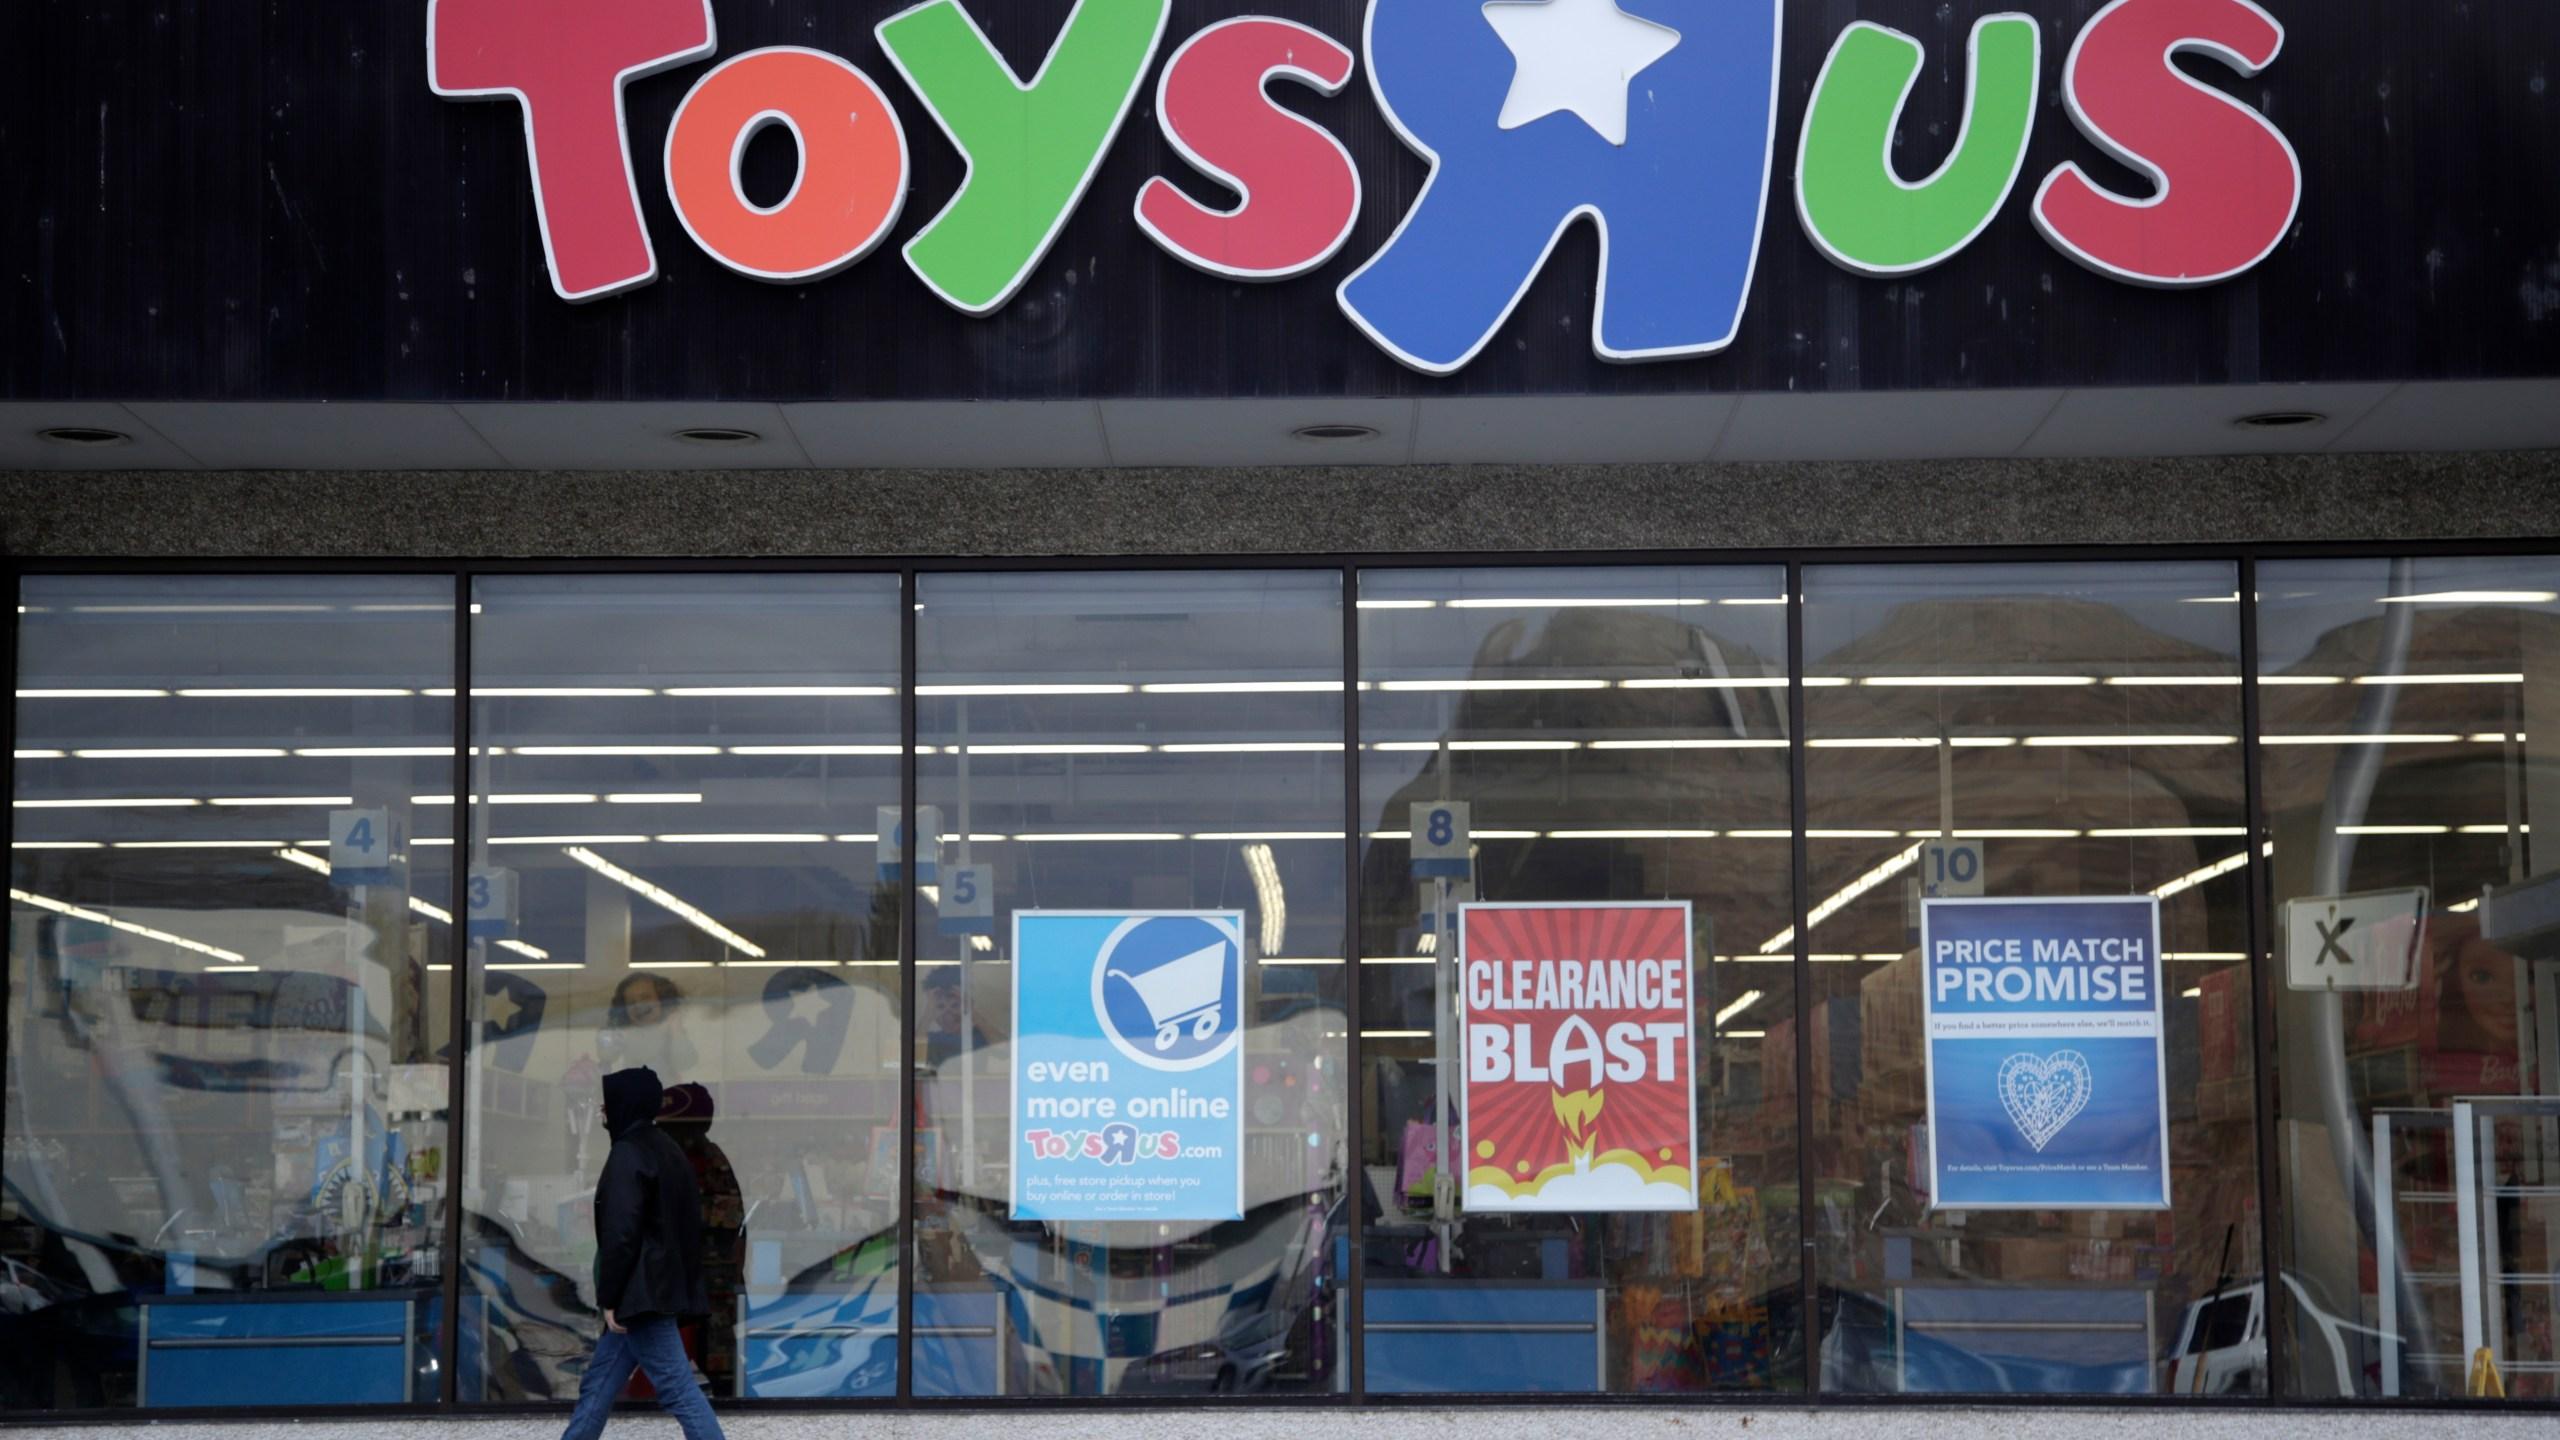 Toys_R_Us-Liquidation_28297-159532.jpg65596858